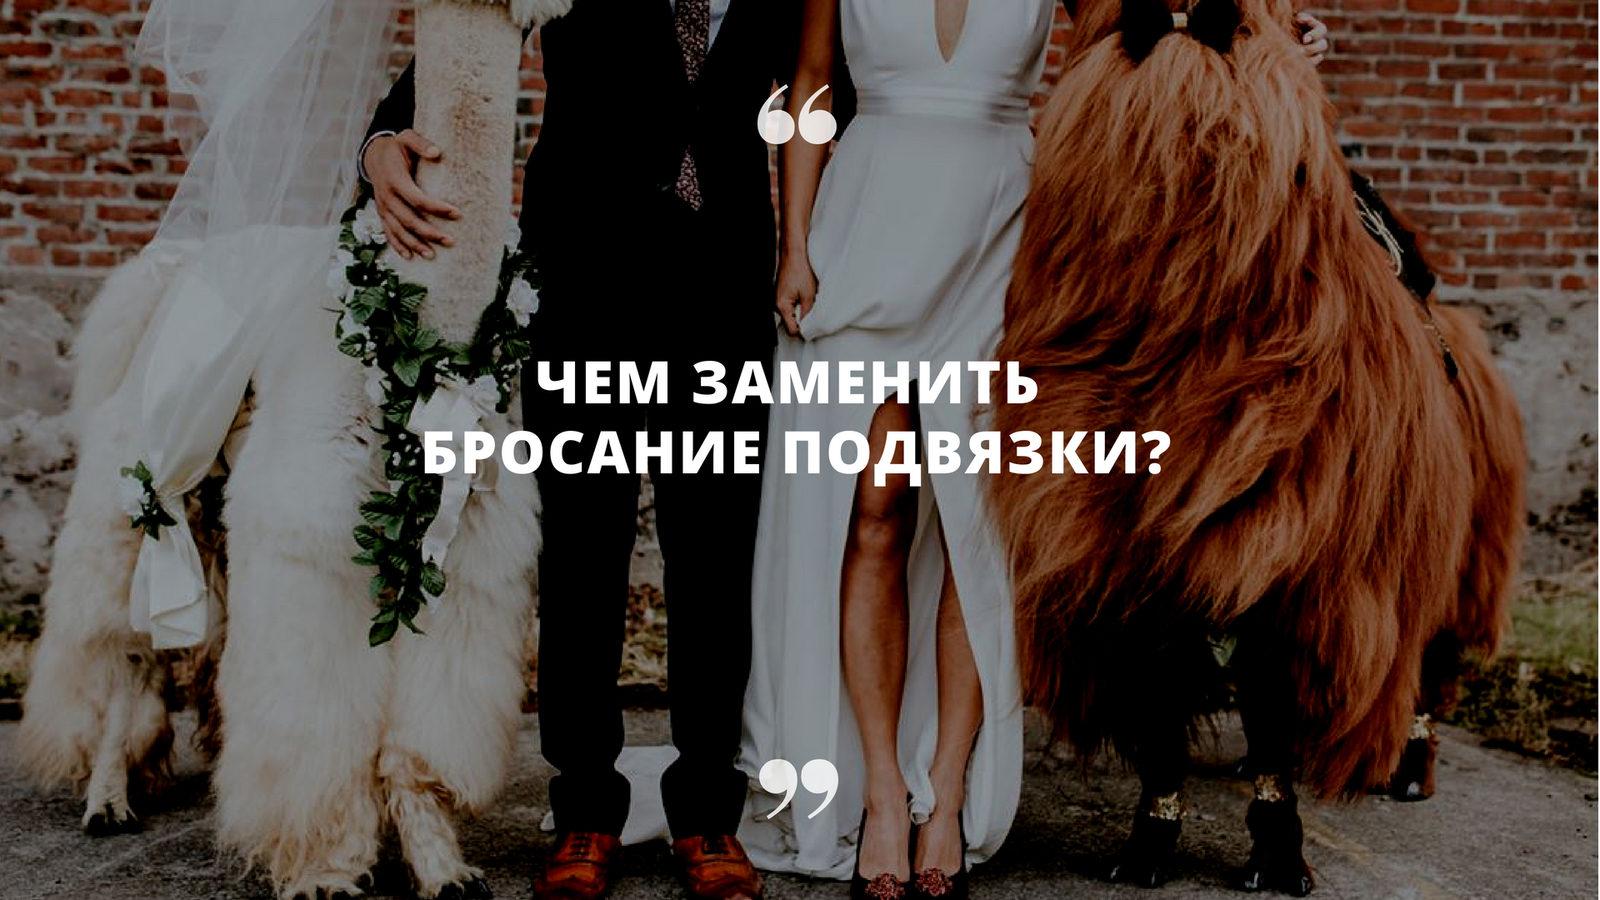 «Чем заменить бросание подвязки на свадьбе?»